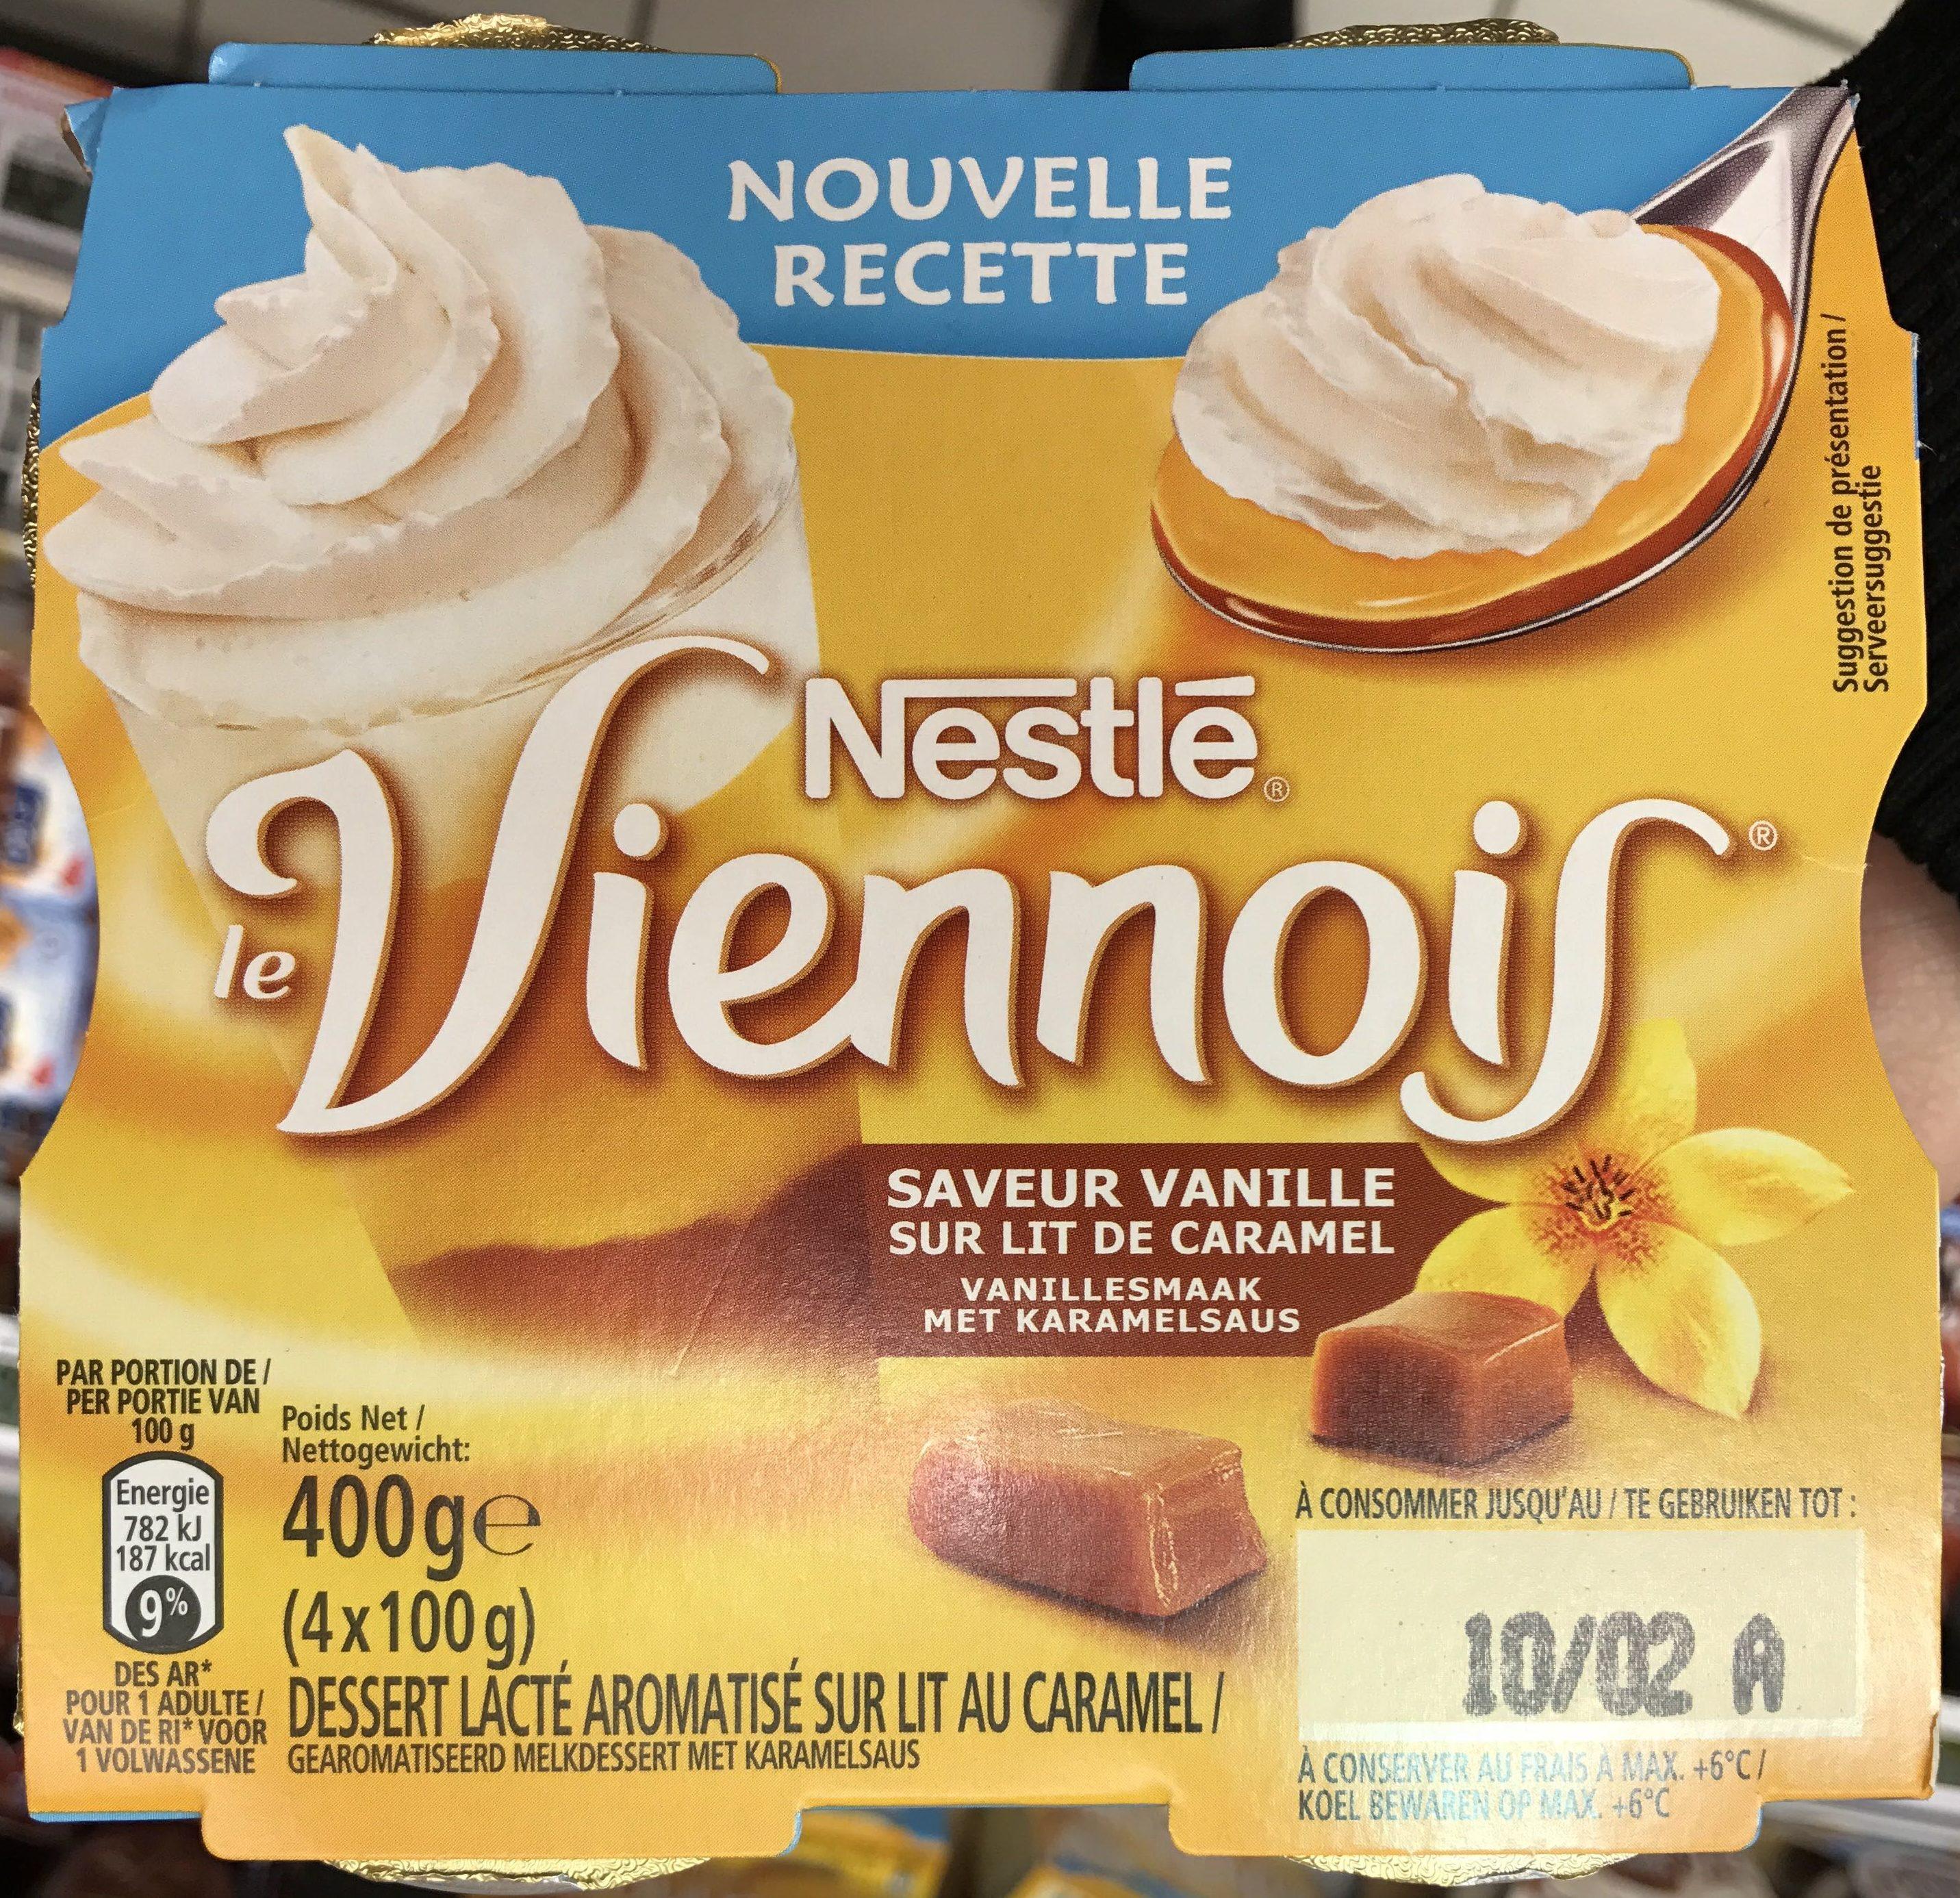 Le Viennois saveur Vanille sur Lit de Caramel - Product